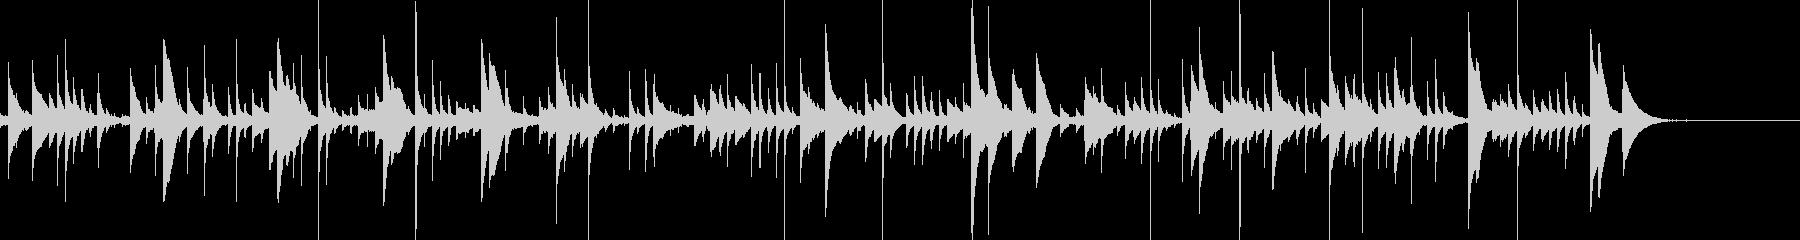 ガムランとヴィヴラフォンアルペジオの未再生の波形